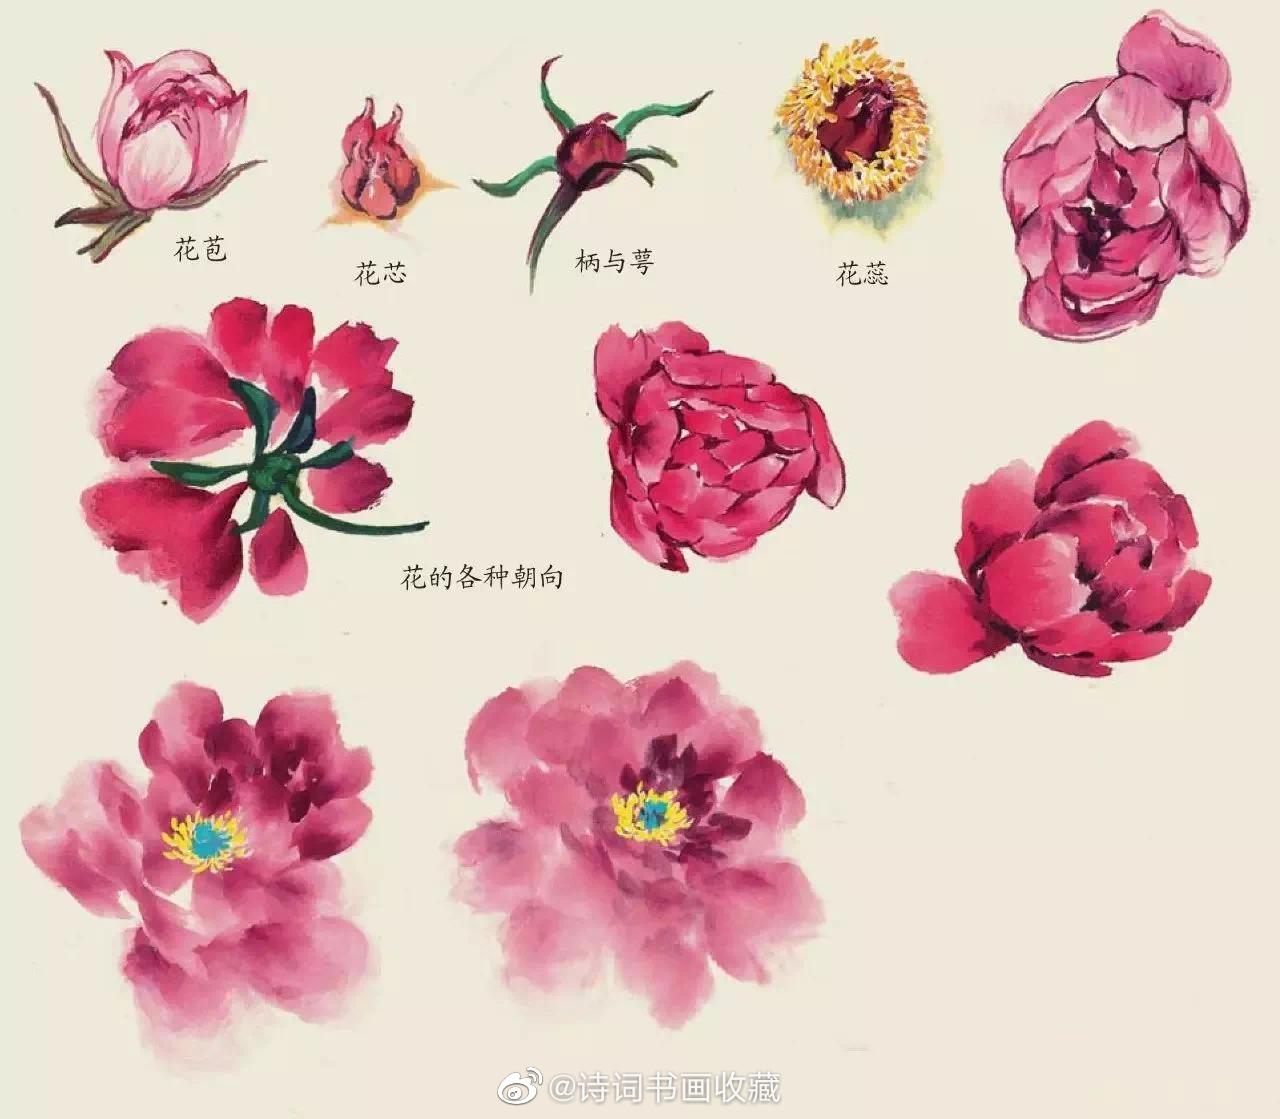 几种花卉的写意画法